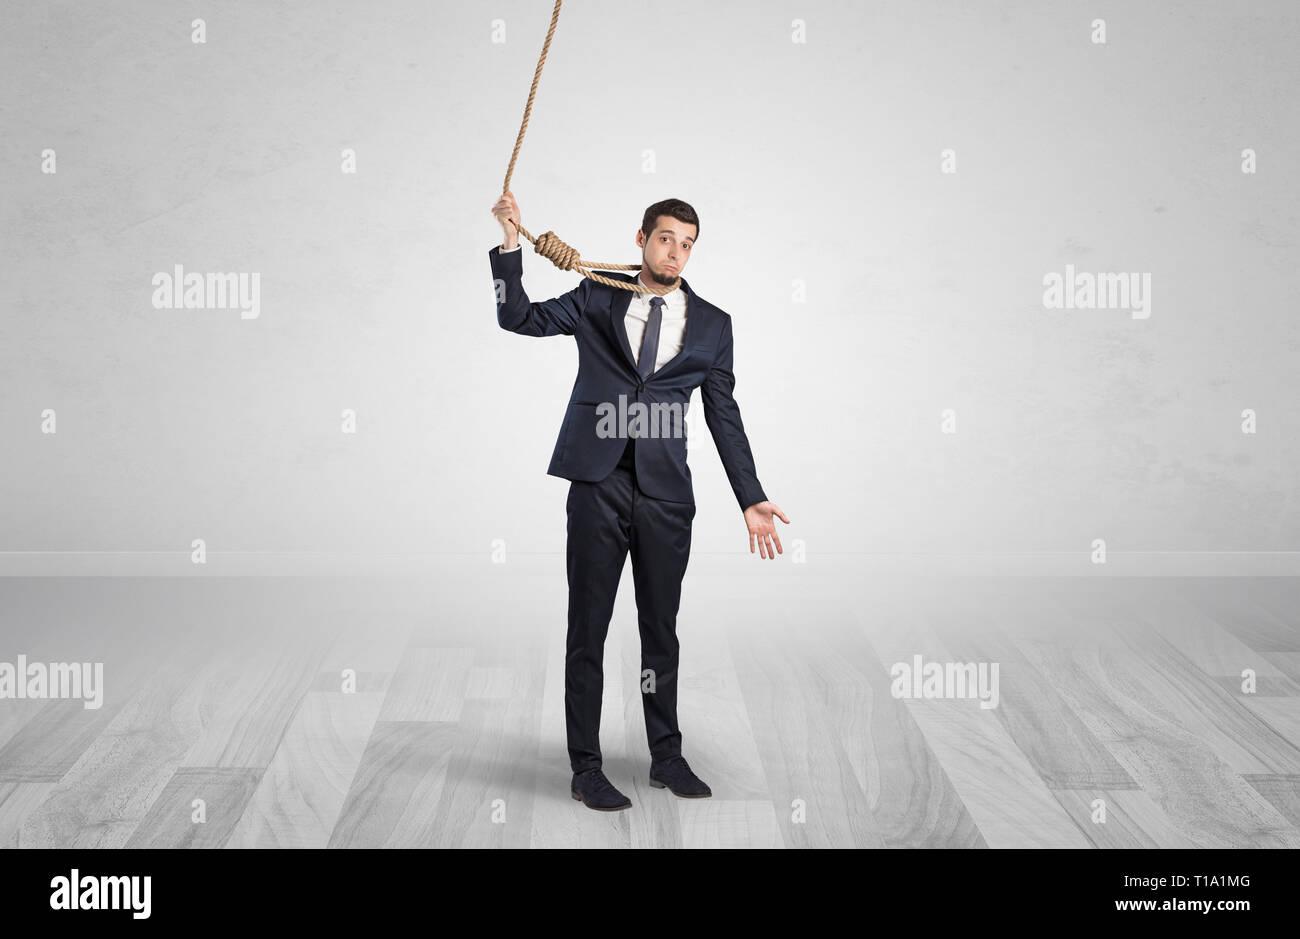 Giovani responsable uomo sull'orlo del suicidio Immagini Stock